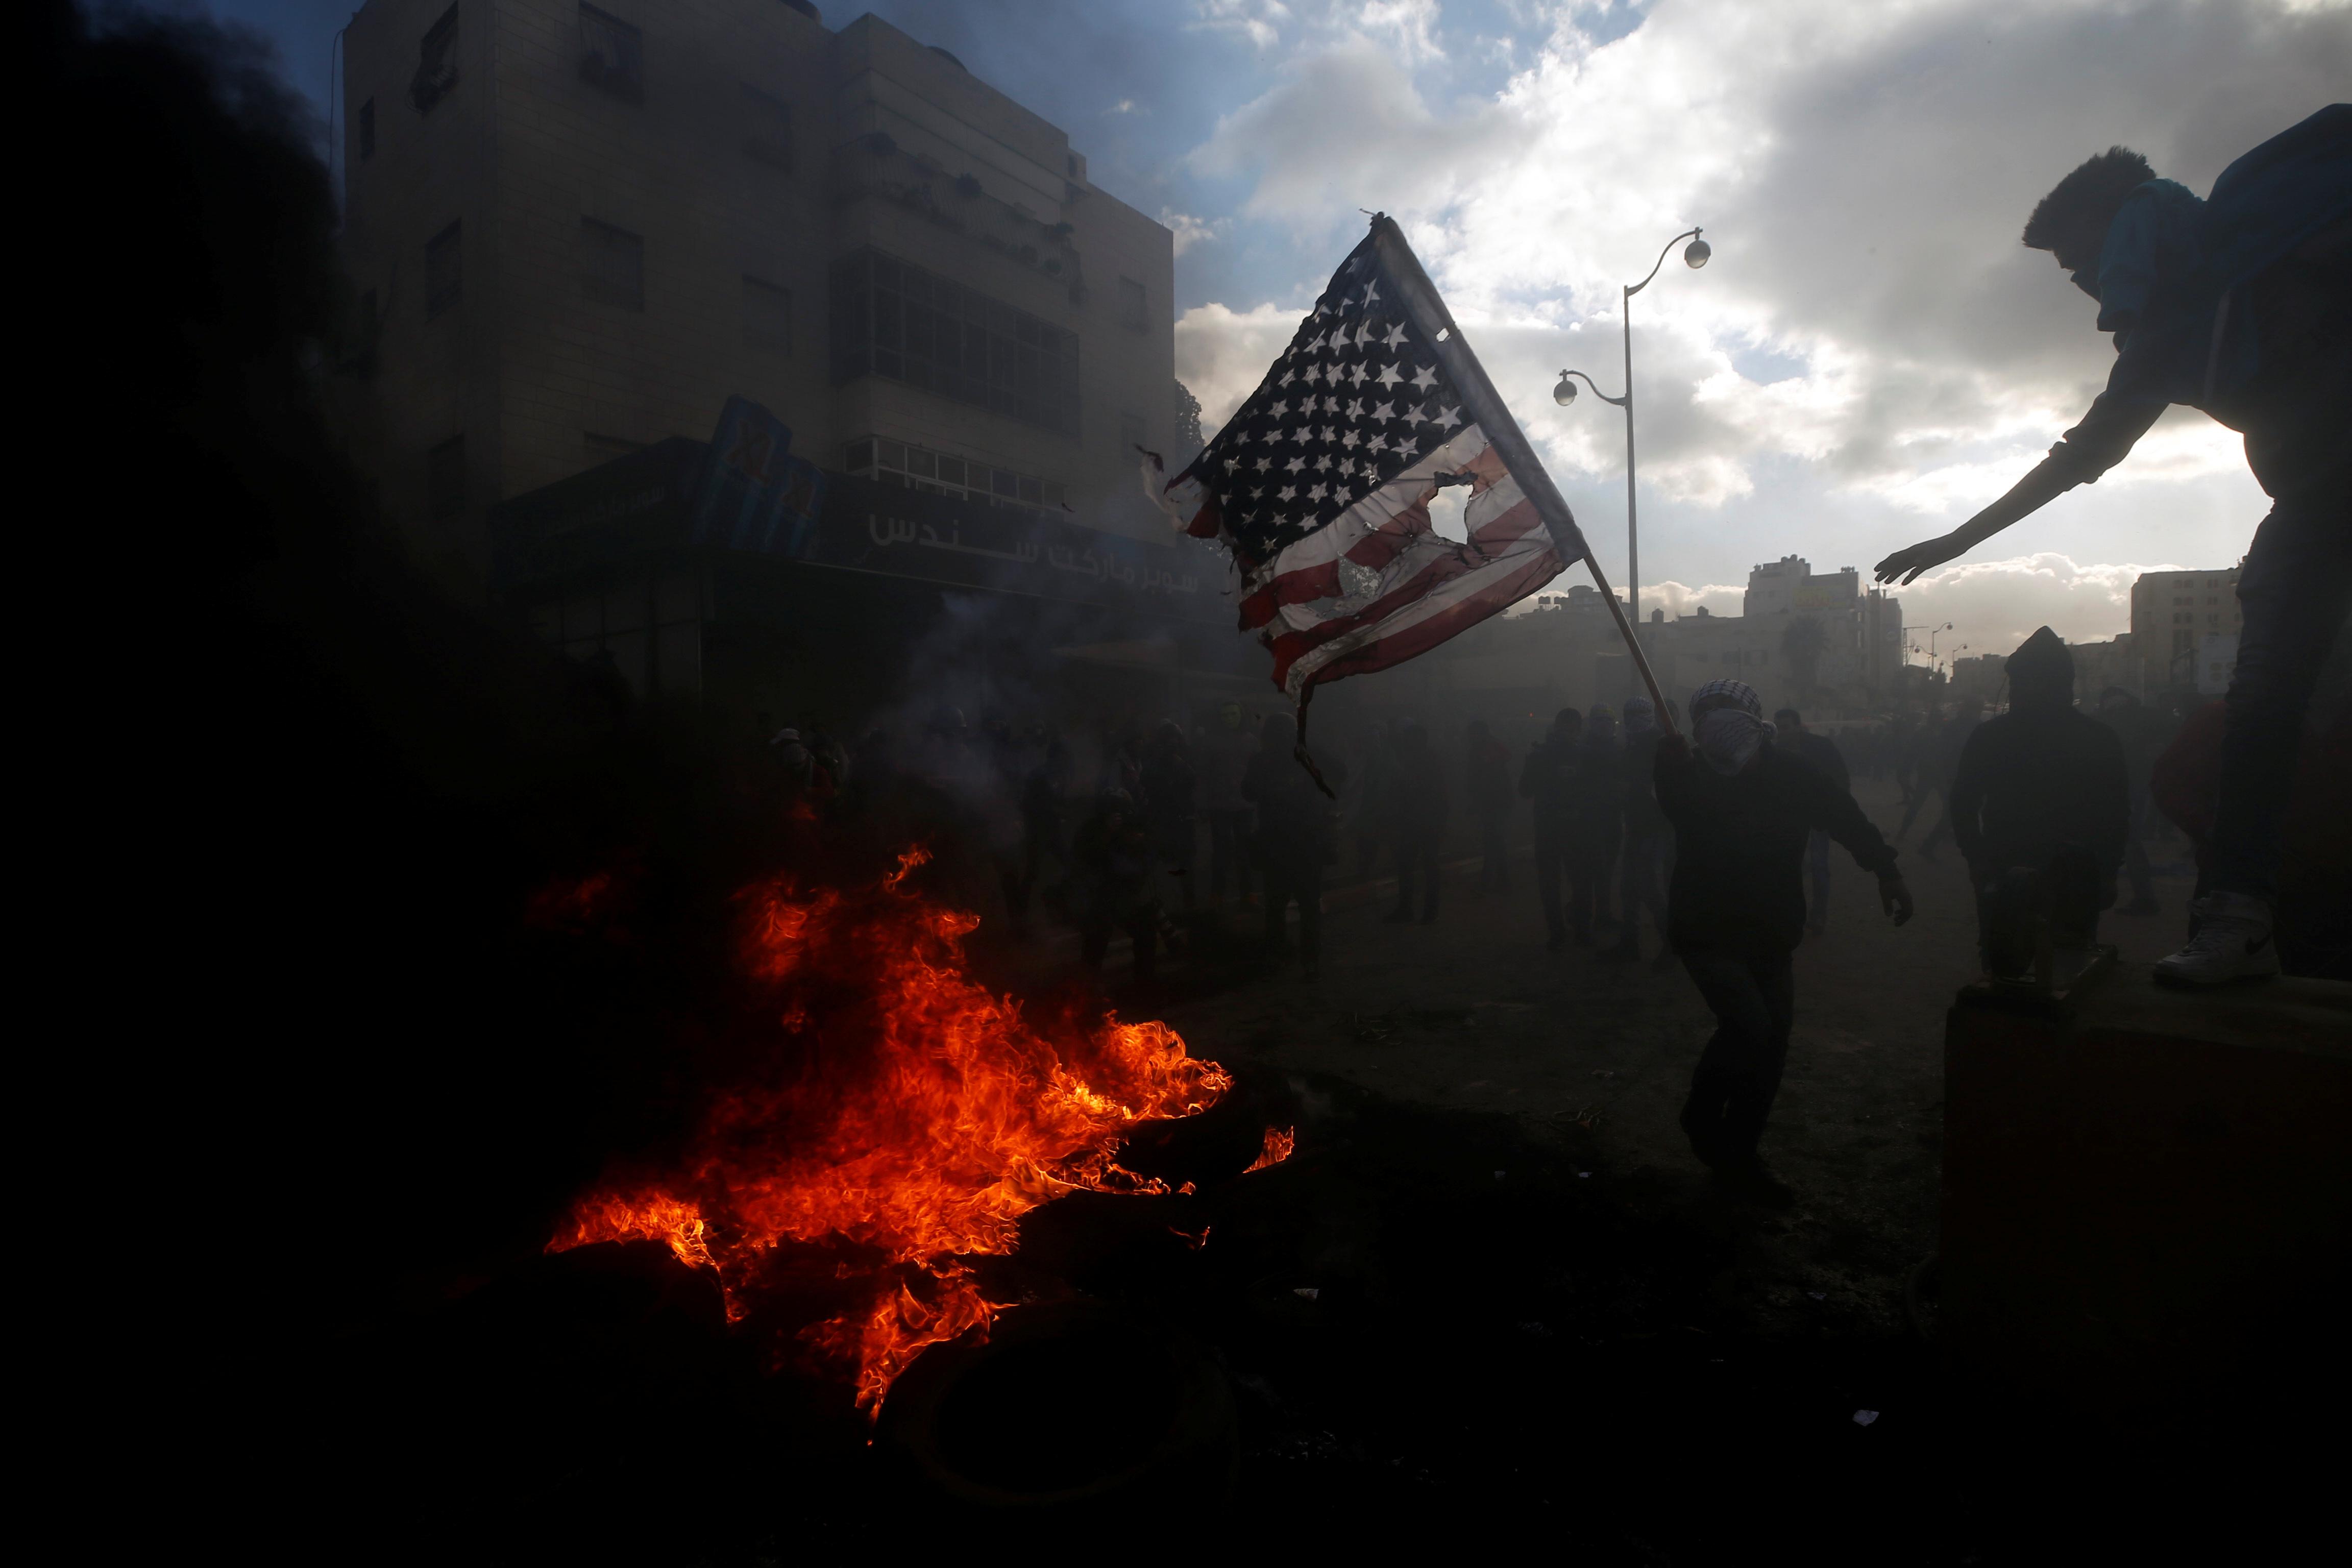 الشباب الفلسطينى يتحدى اسلحة الاحتلال ويخرج فى مسيرات منددة